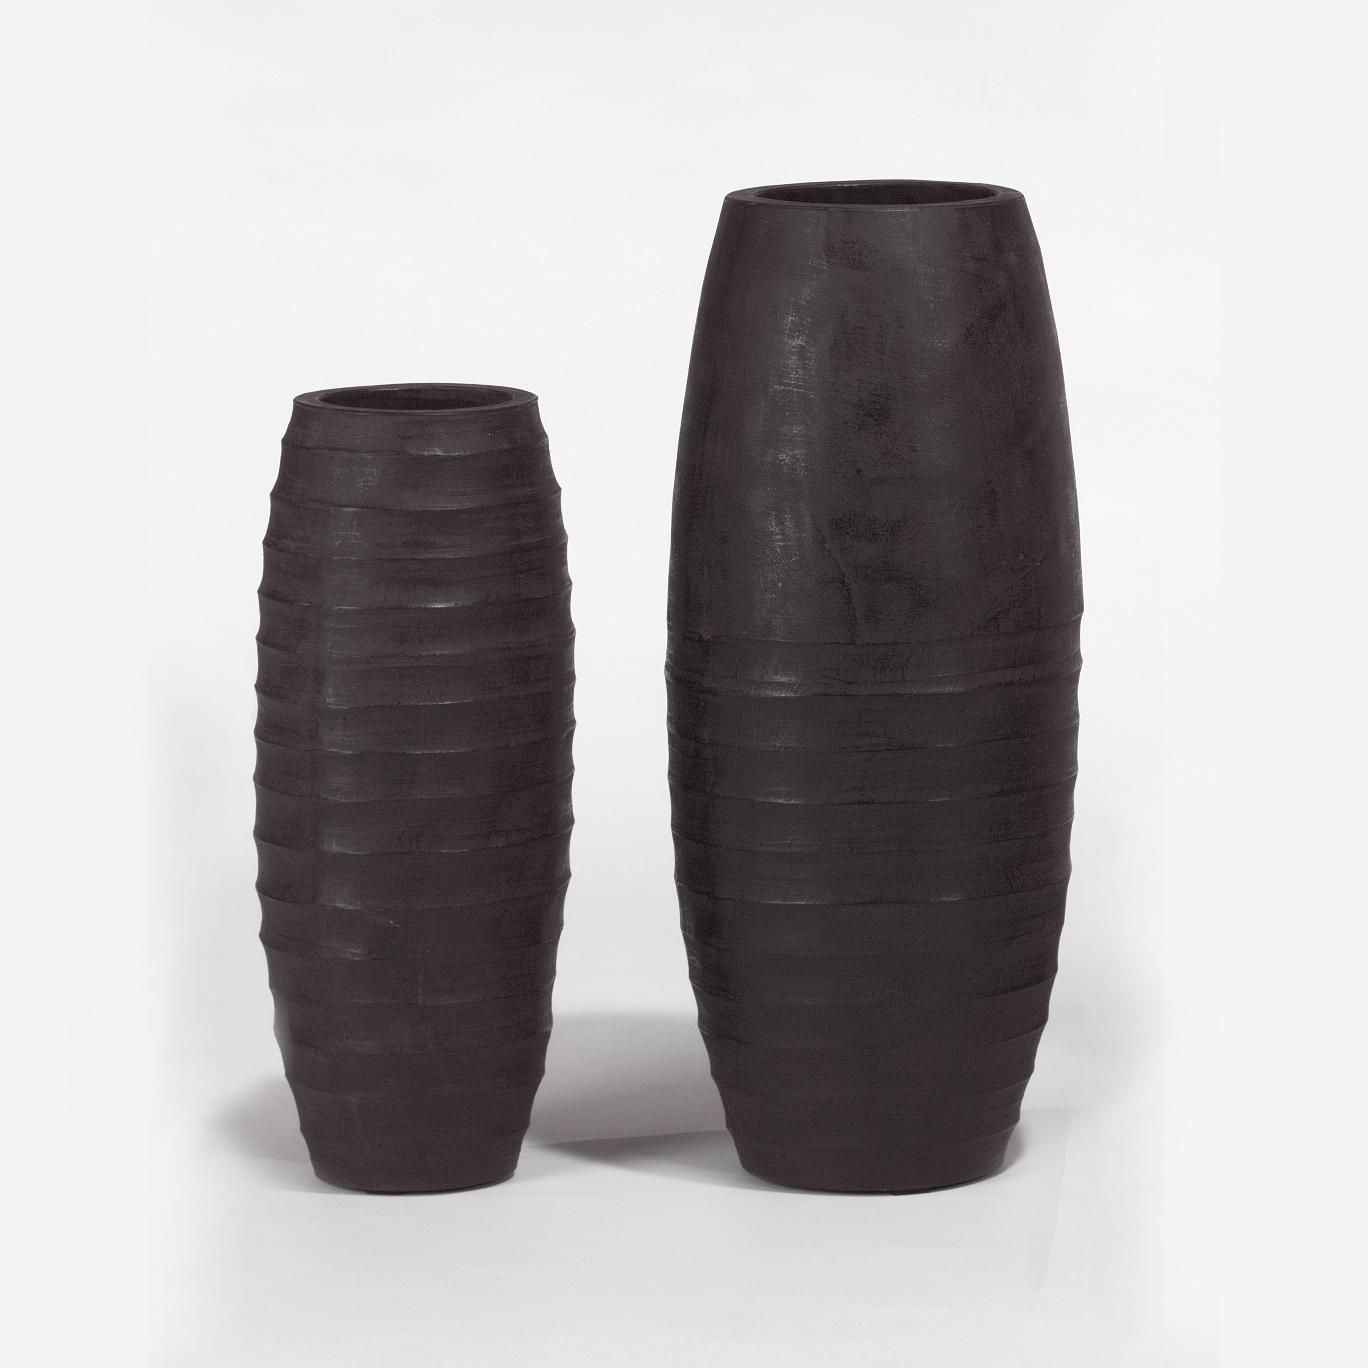 Lambert Sansibar Topf/Vase verschiedene Ausführungen